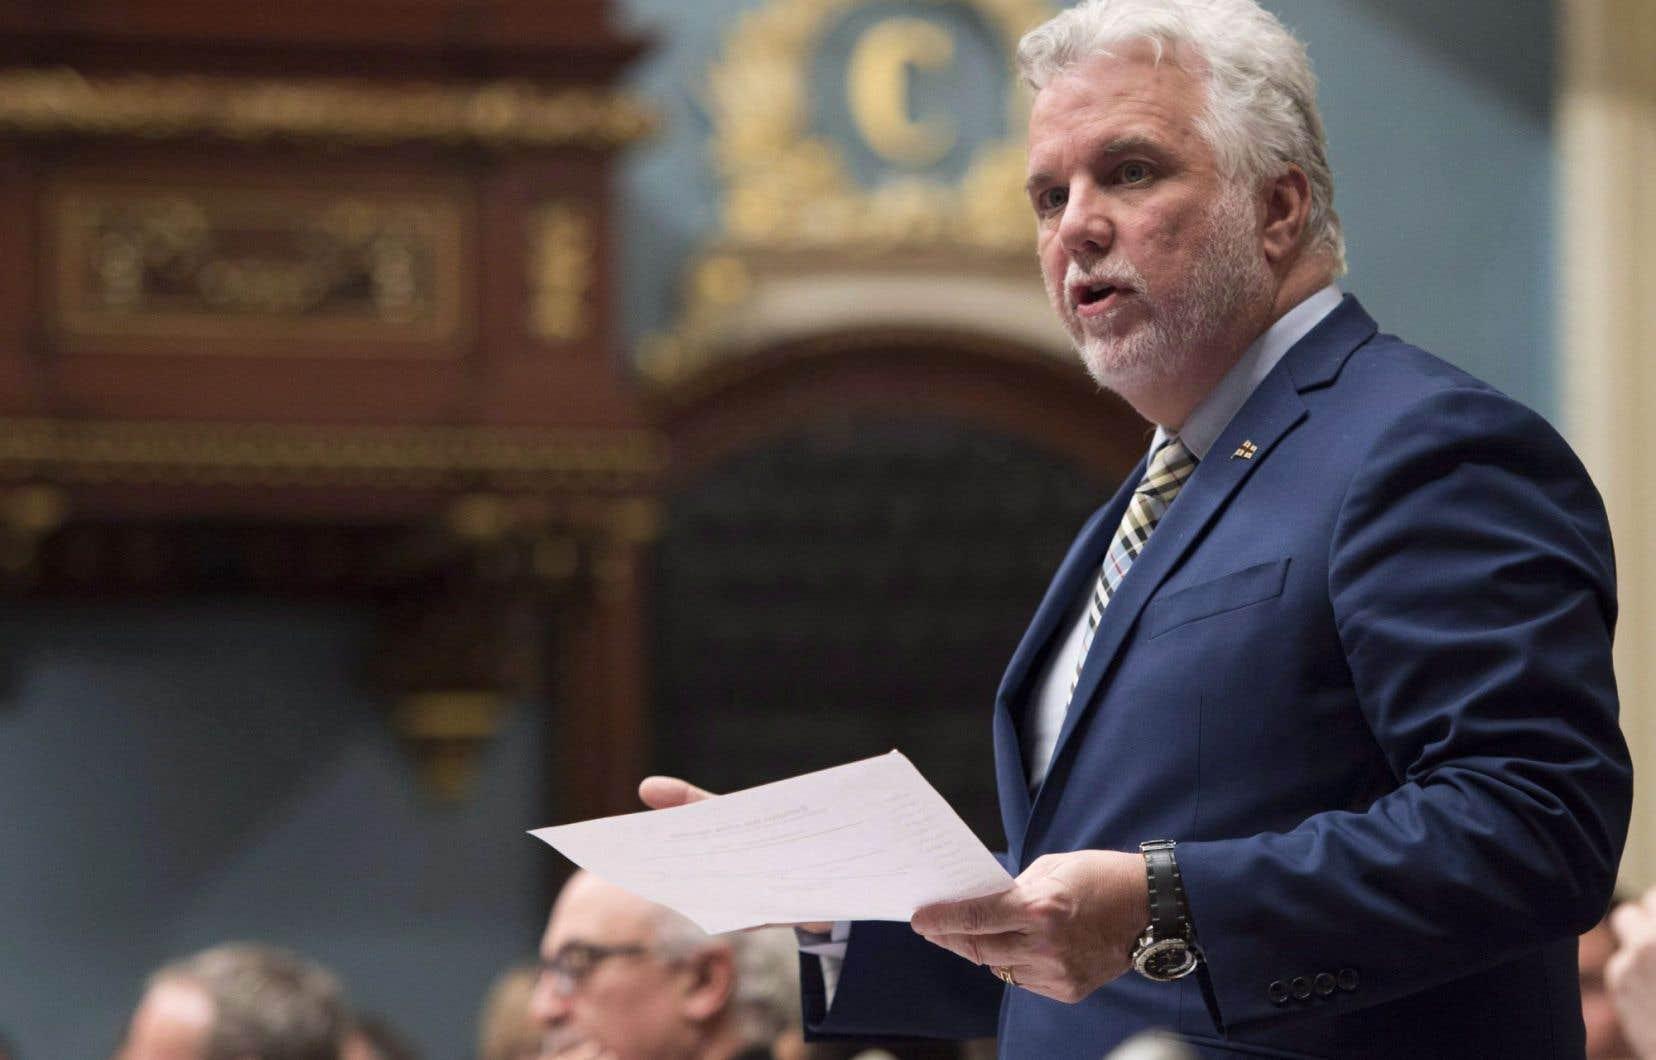 Le premier ministre Couillard a contacté récemment à ce sujet le gouverneur du Michigan, Rick Snyder, et la première ministre de l'Ontario, Kathleen Wynne.